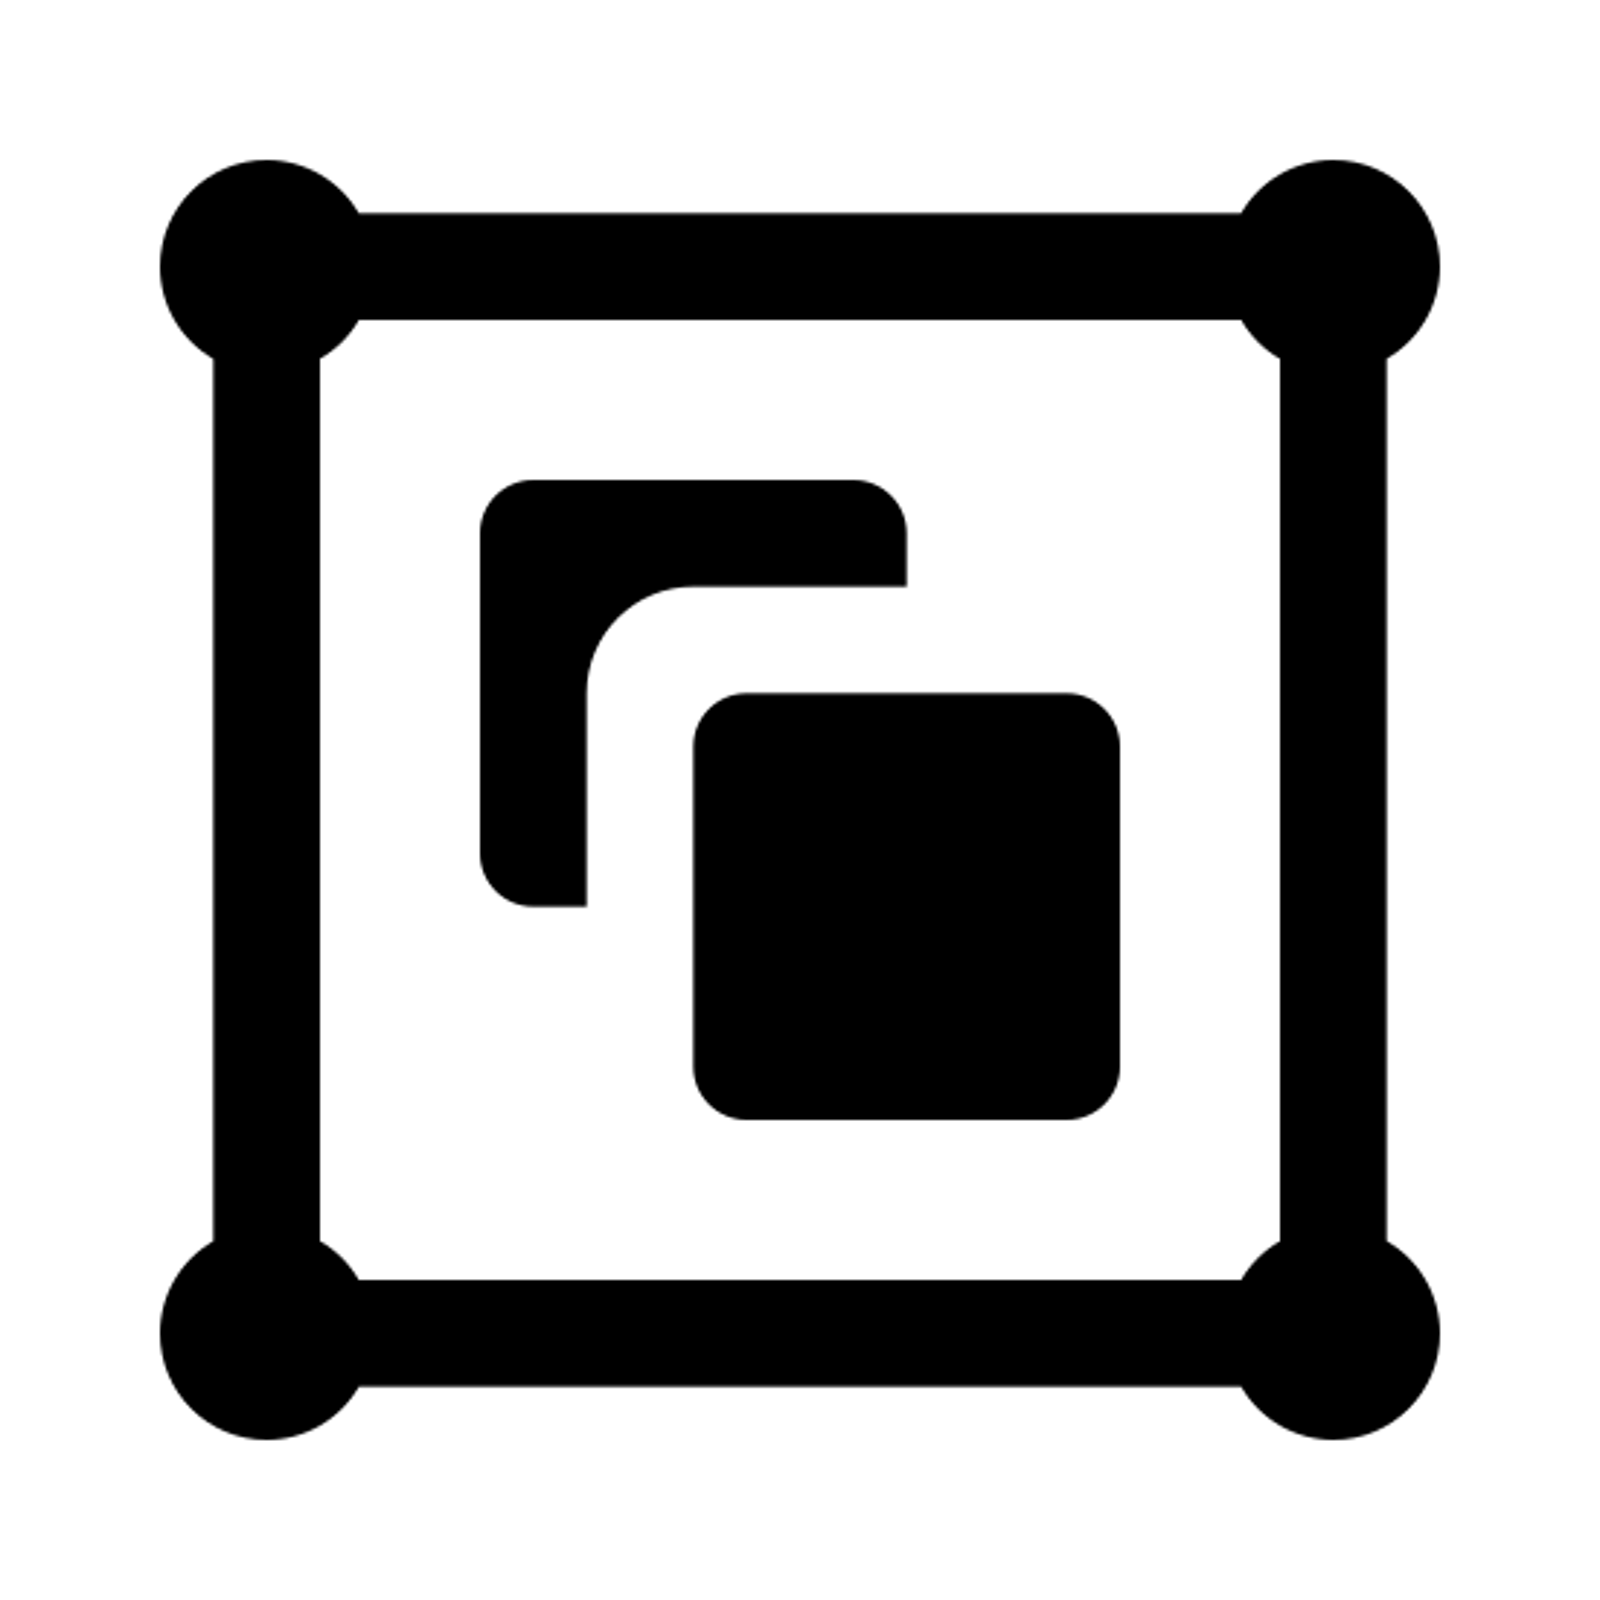 Objekte gruppieren icon